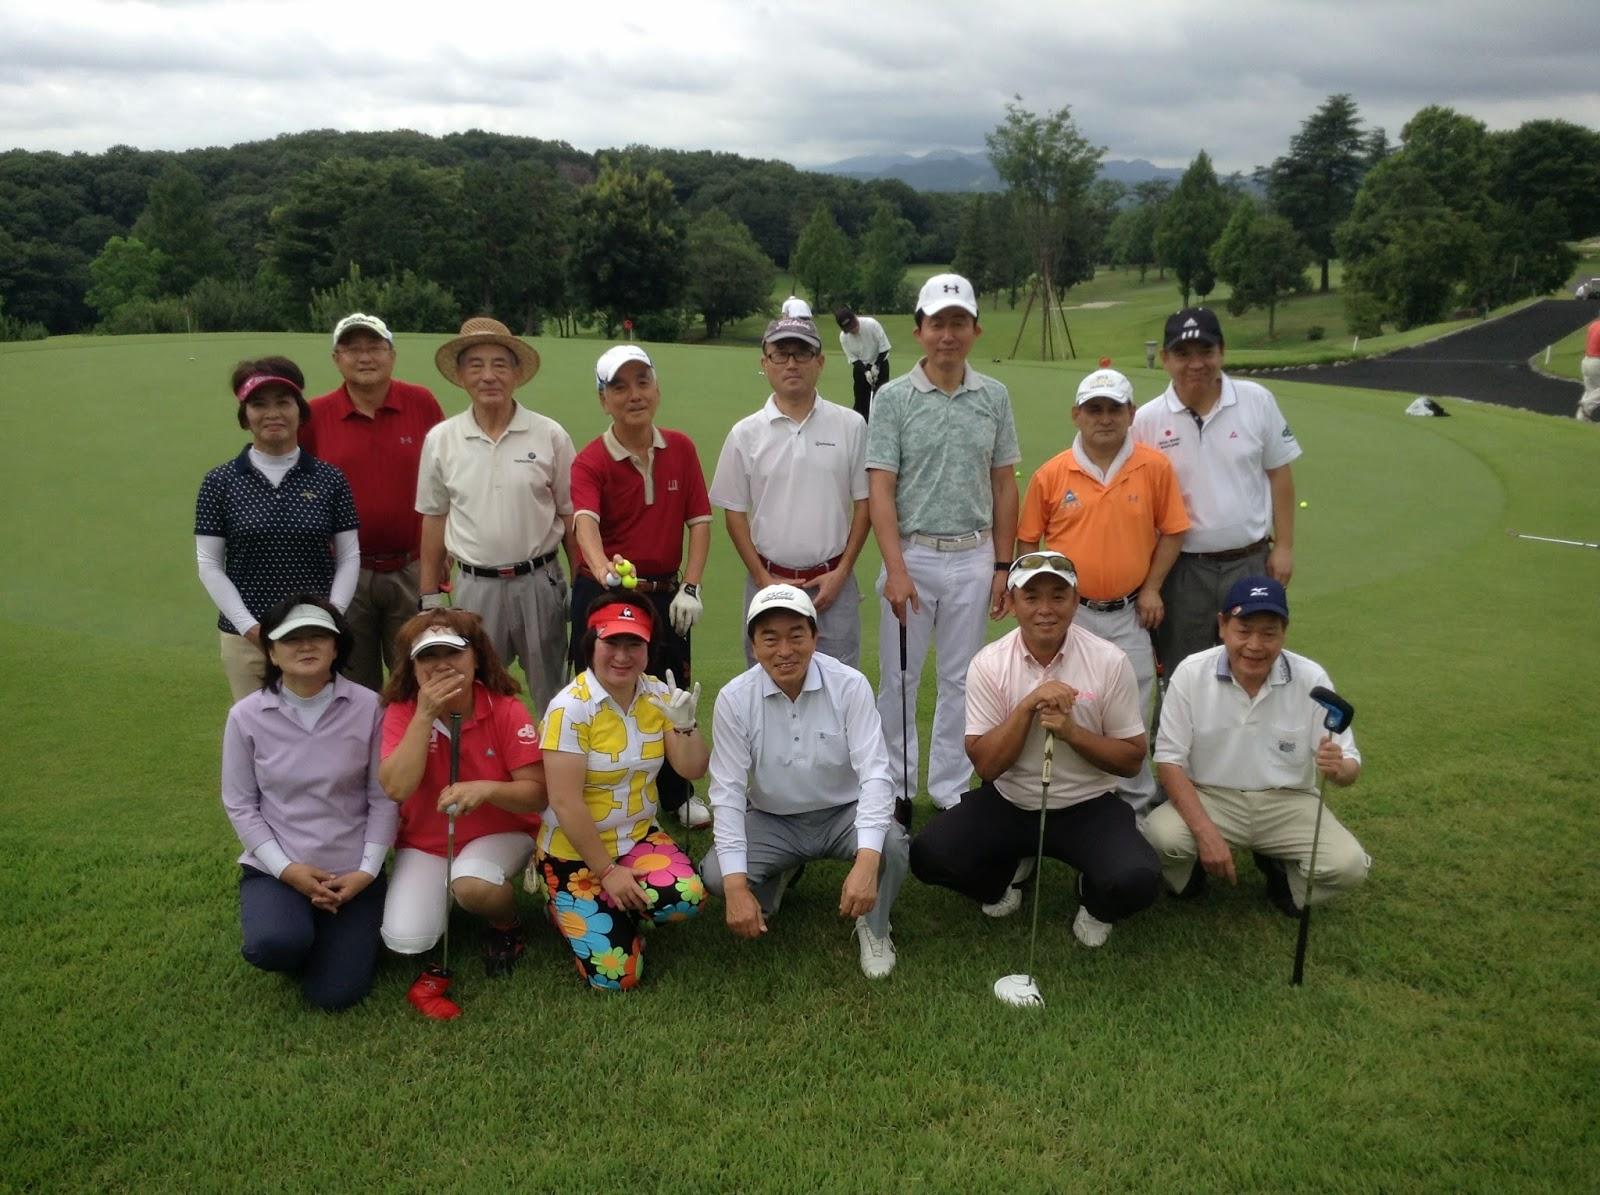 ゴルフ 天気 美里 美里ゴルフ倶楽部の天気予報(週末・10日間)